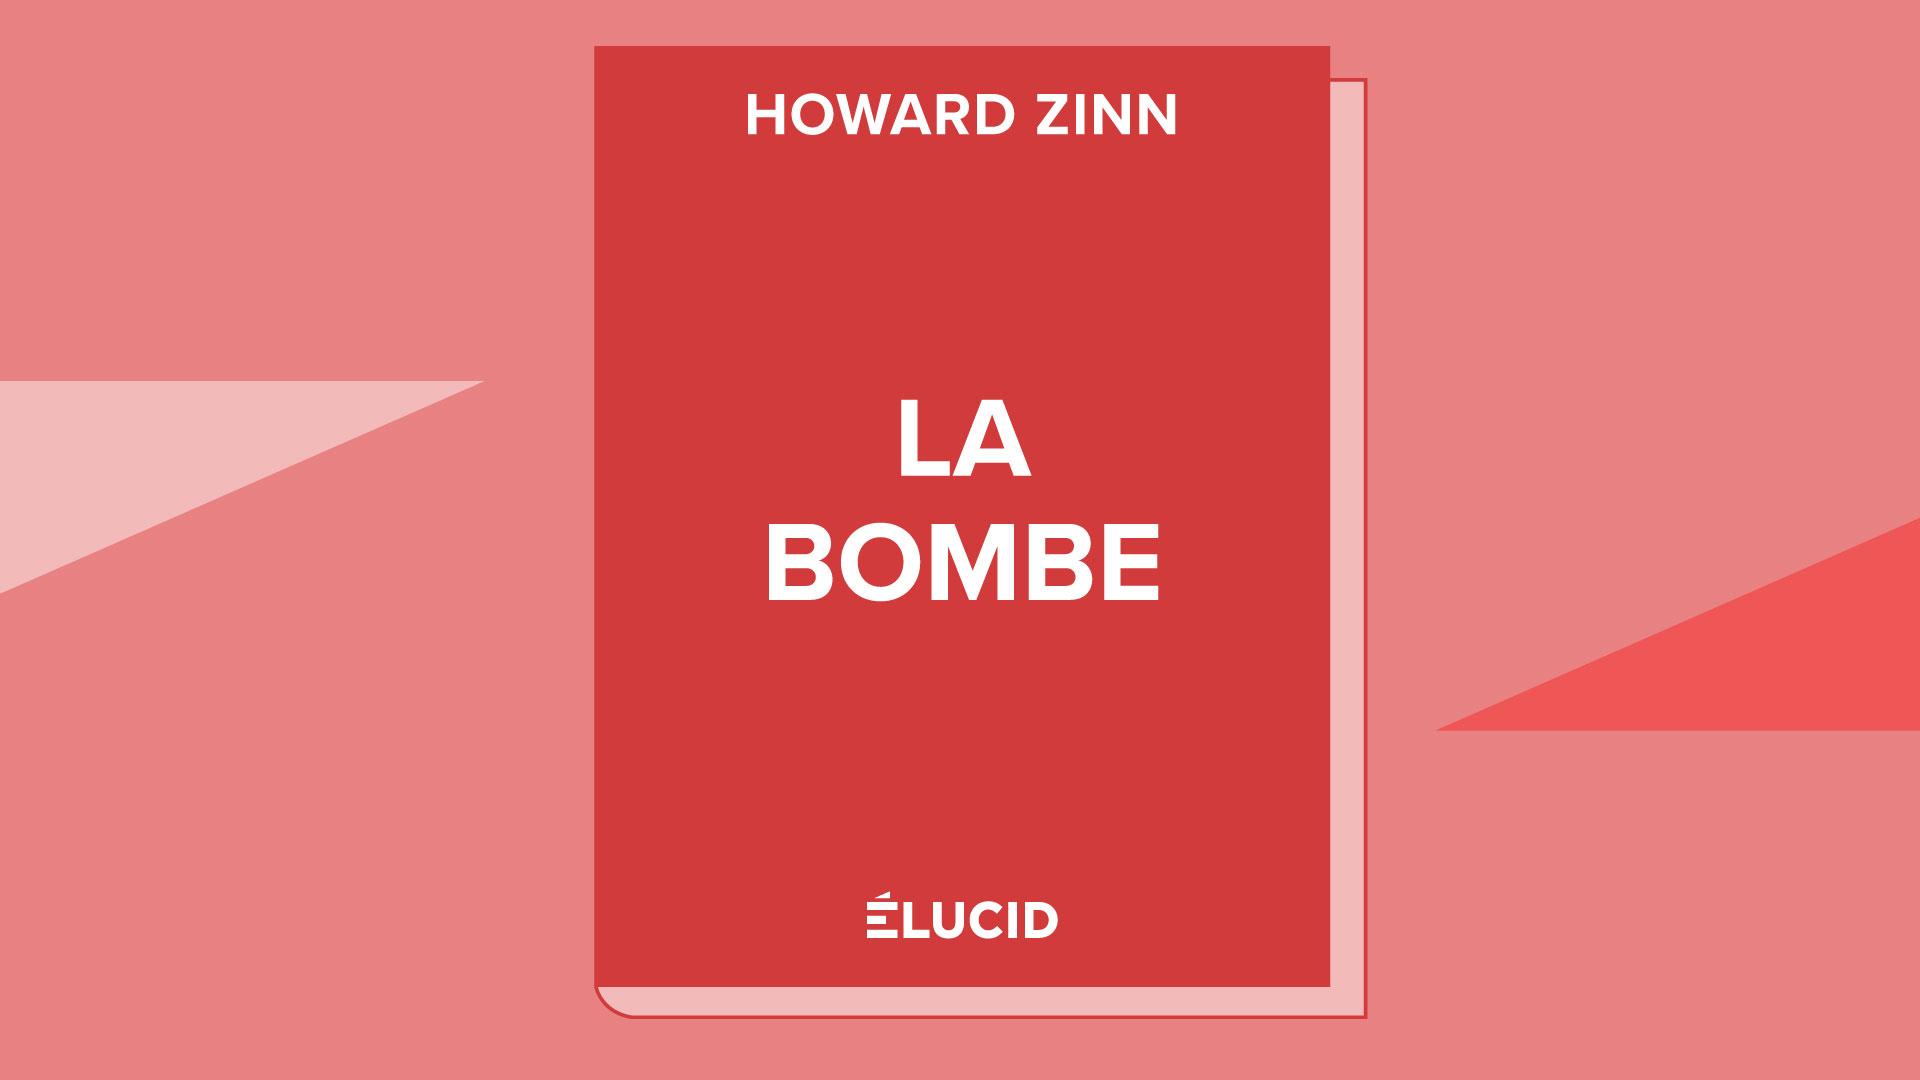 LA BOMBE – Howard Zinn